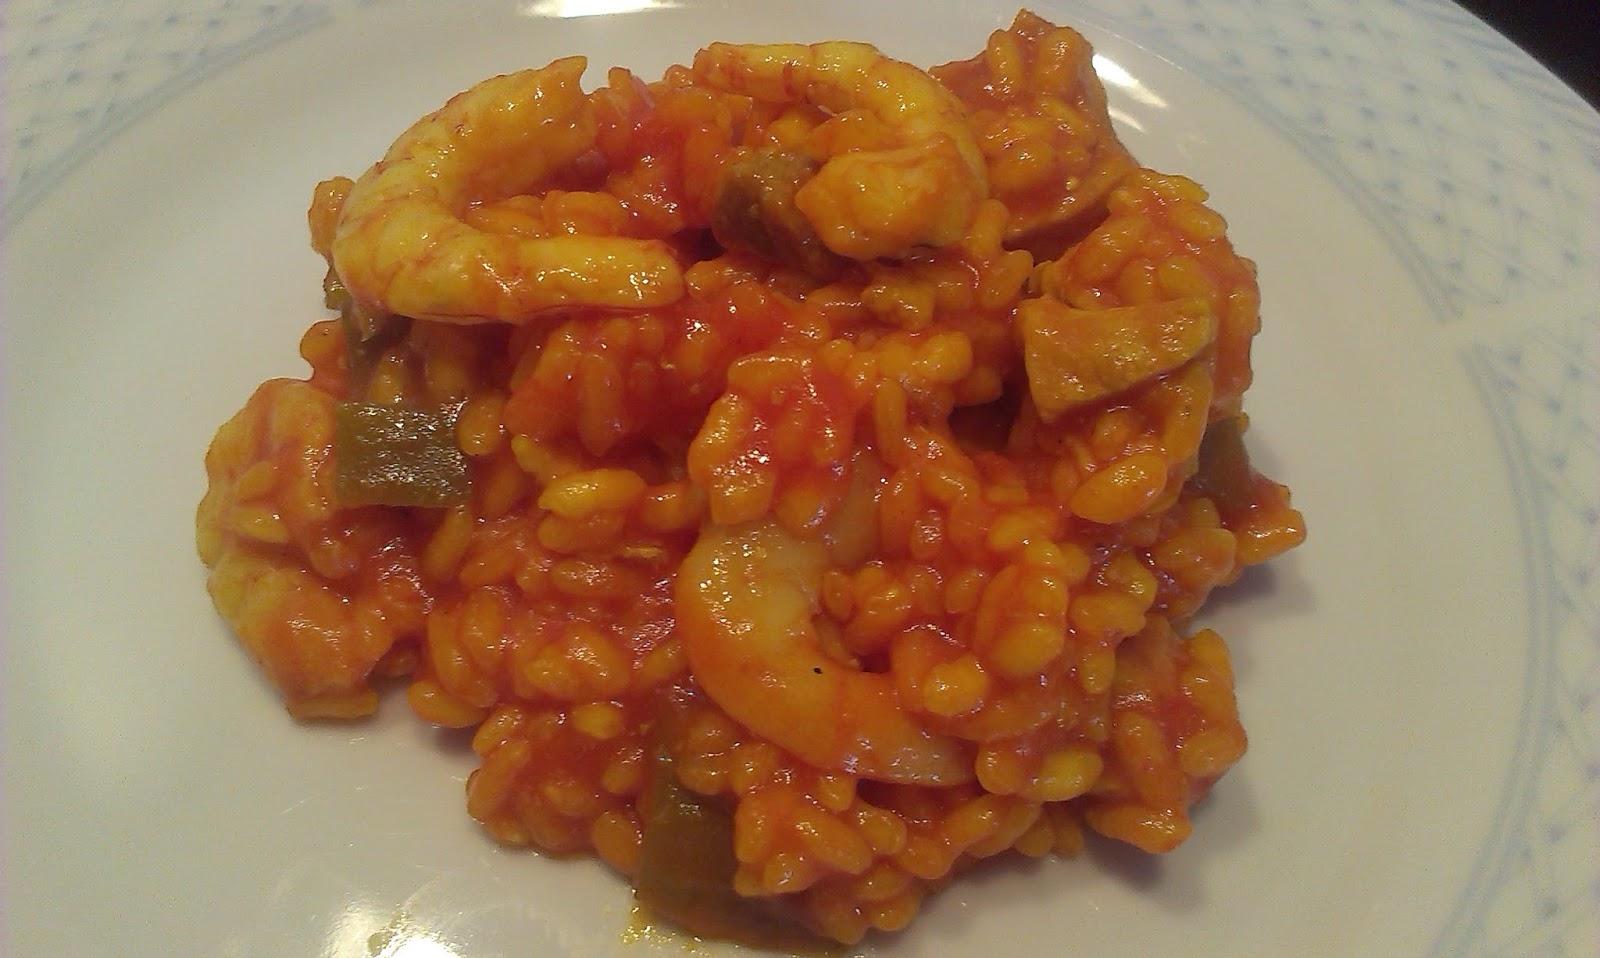 arroz, caldo, paella, carne, gambas, azafrán, consejos